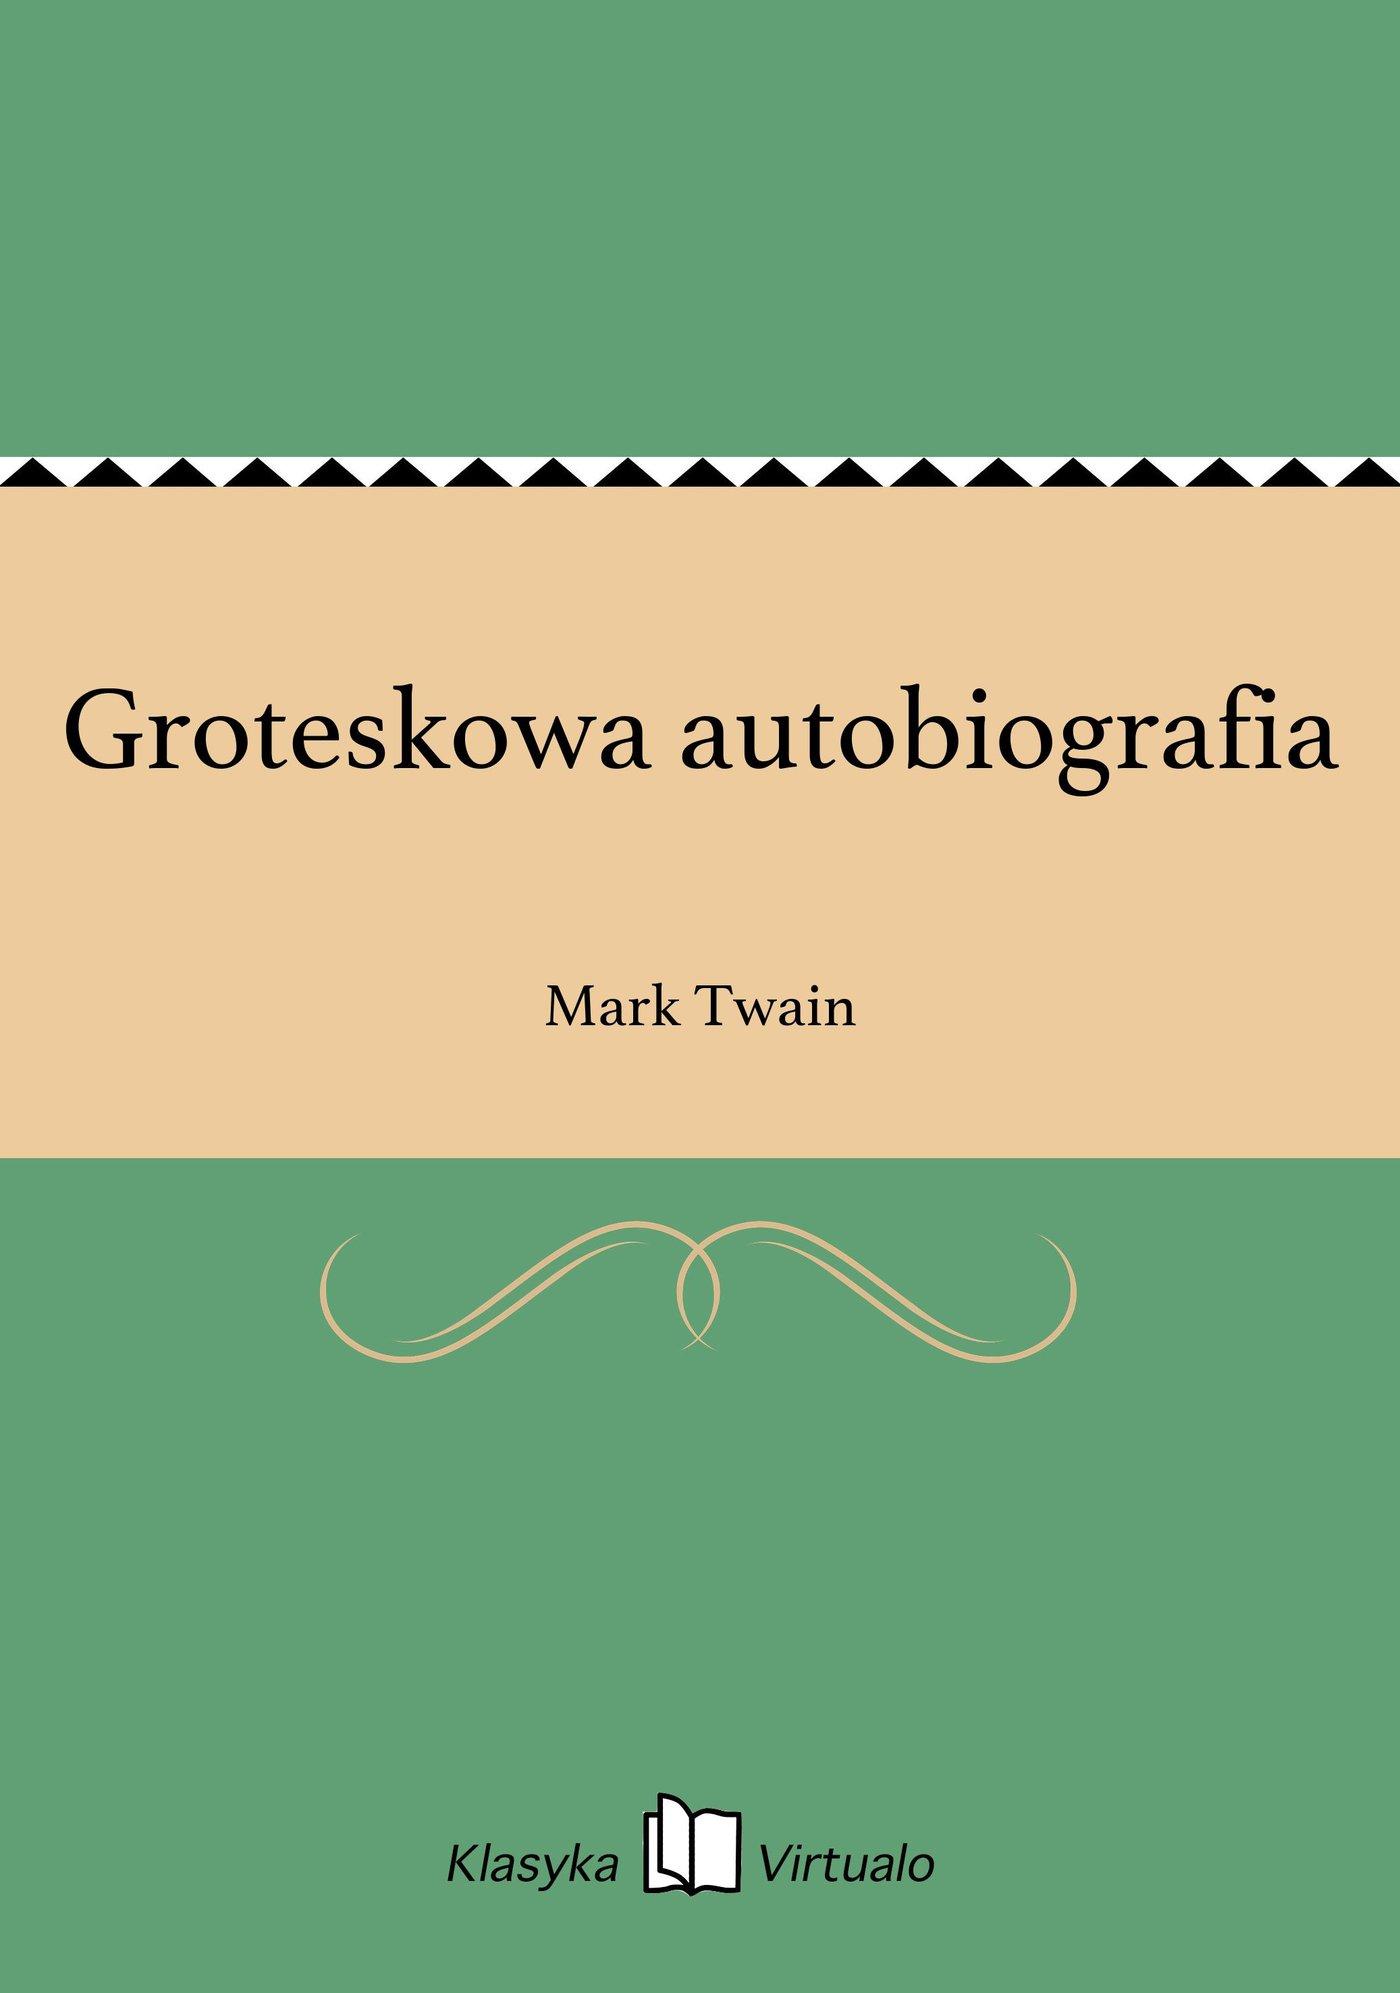 Groteskowa autobiografia - Ebook (Książka EPUB) do pobrania w formacie EPUB